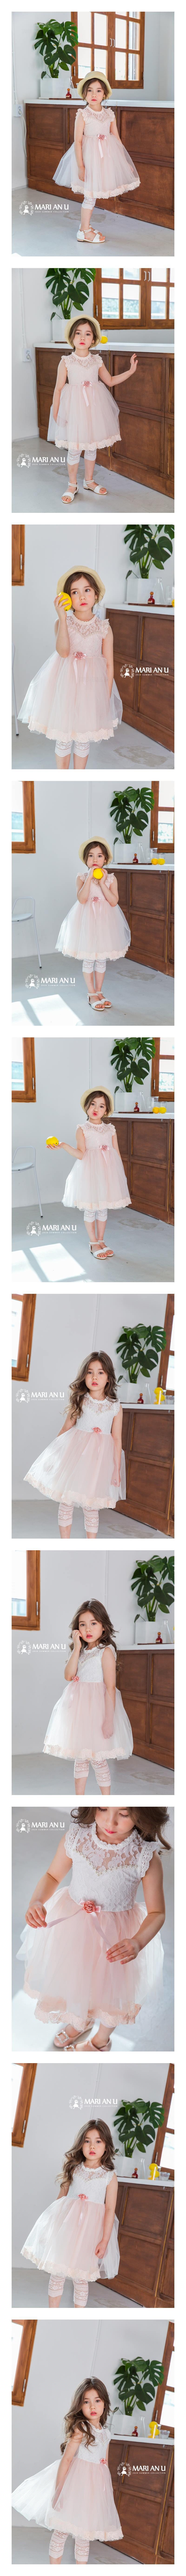 MARI AN U - Korean Children Fashion - #Kfashion4kids - Rose One-piece